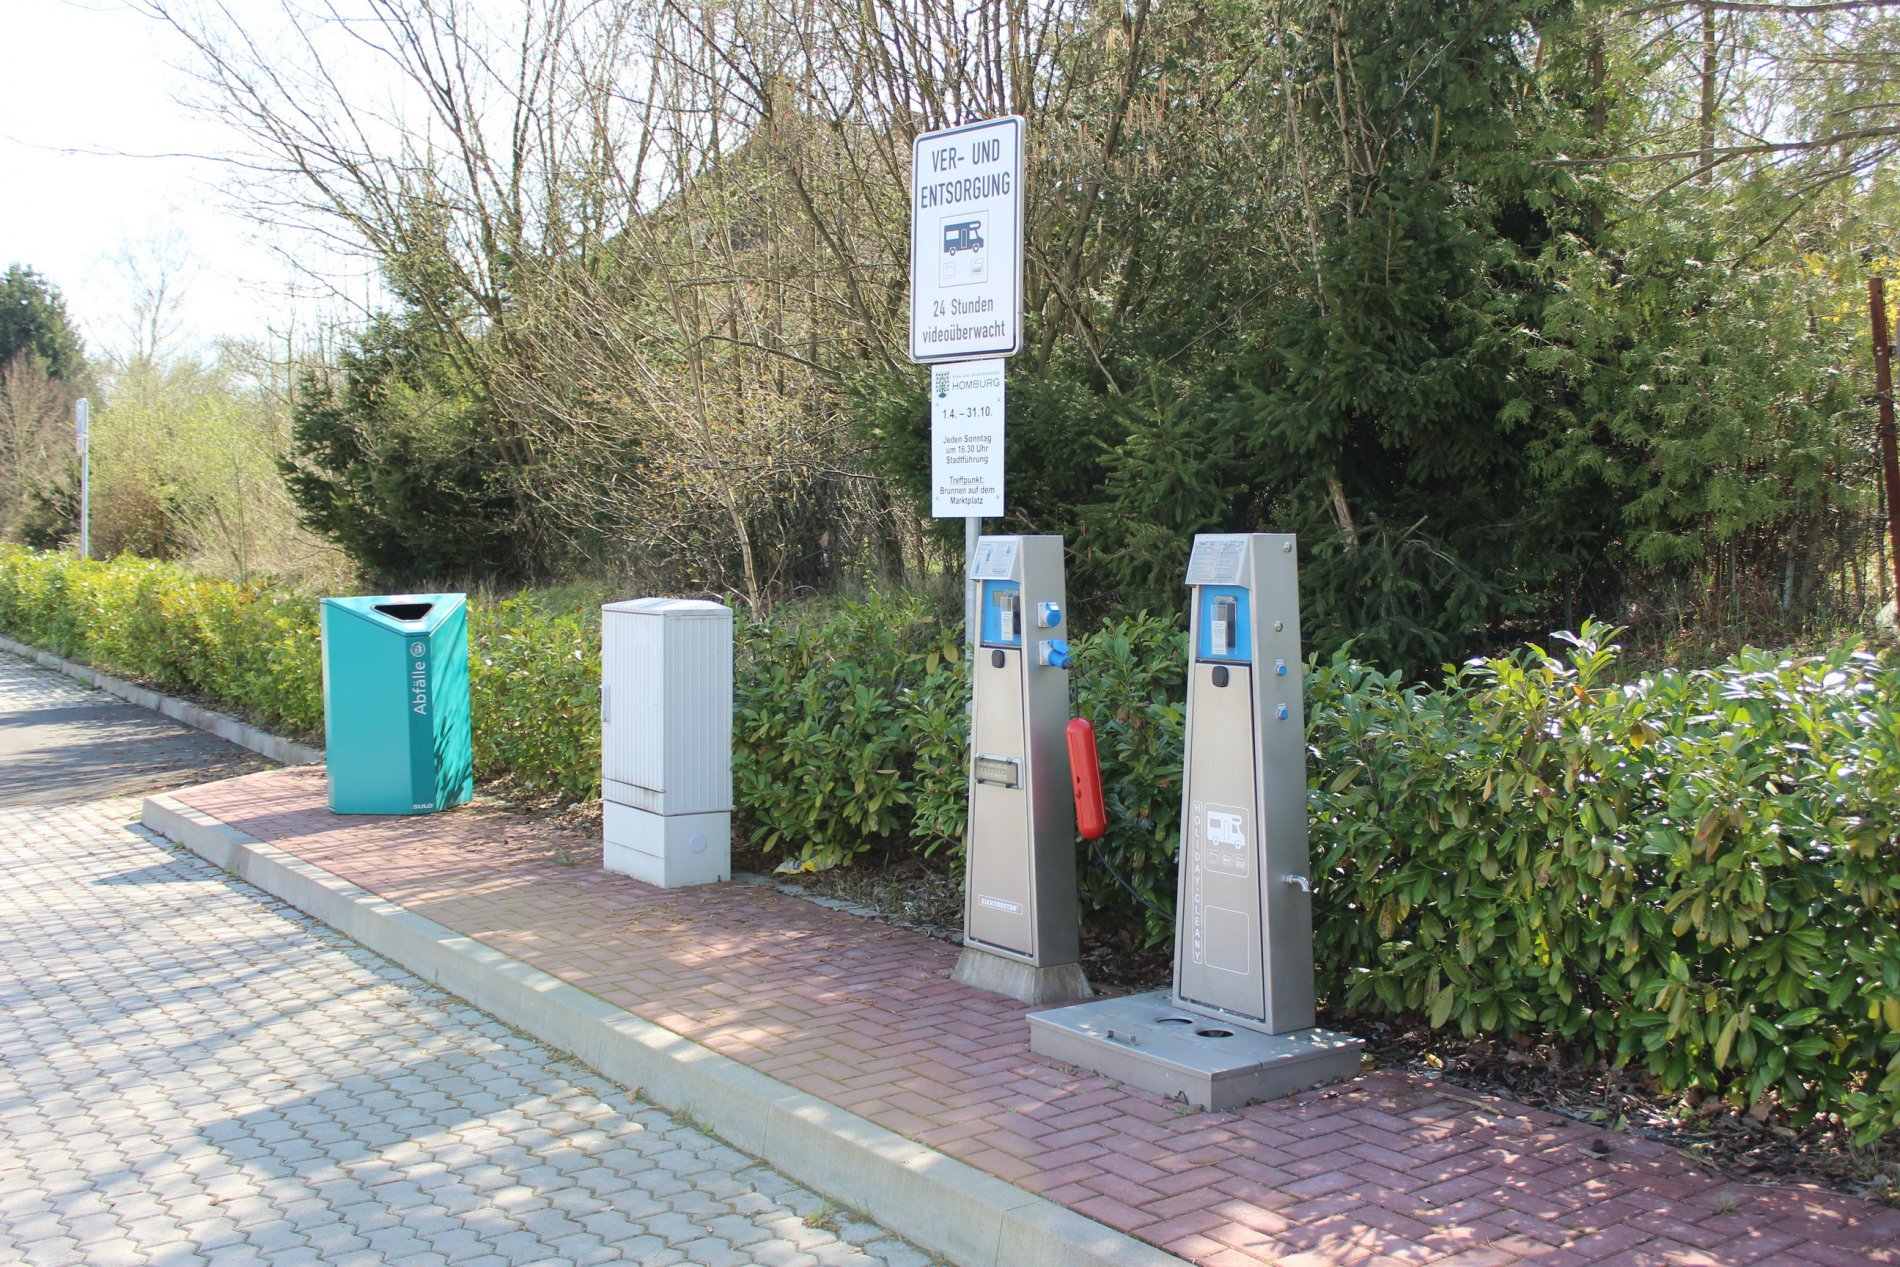 Entsorgungsstation des Wohnmobilstellplatzes am KOI in Homburg